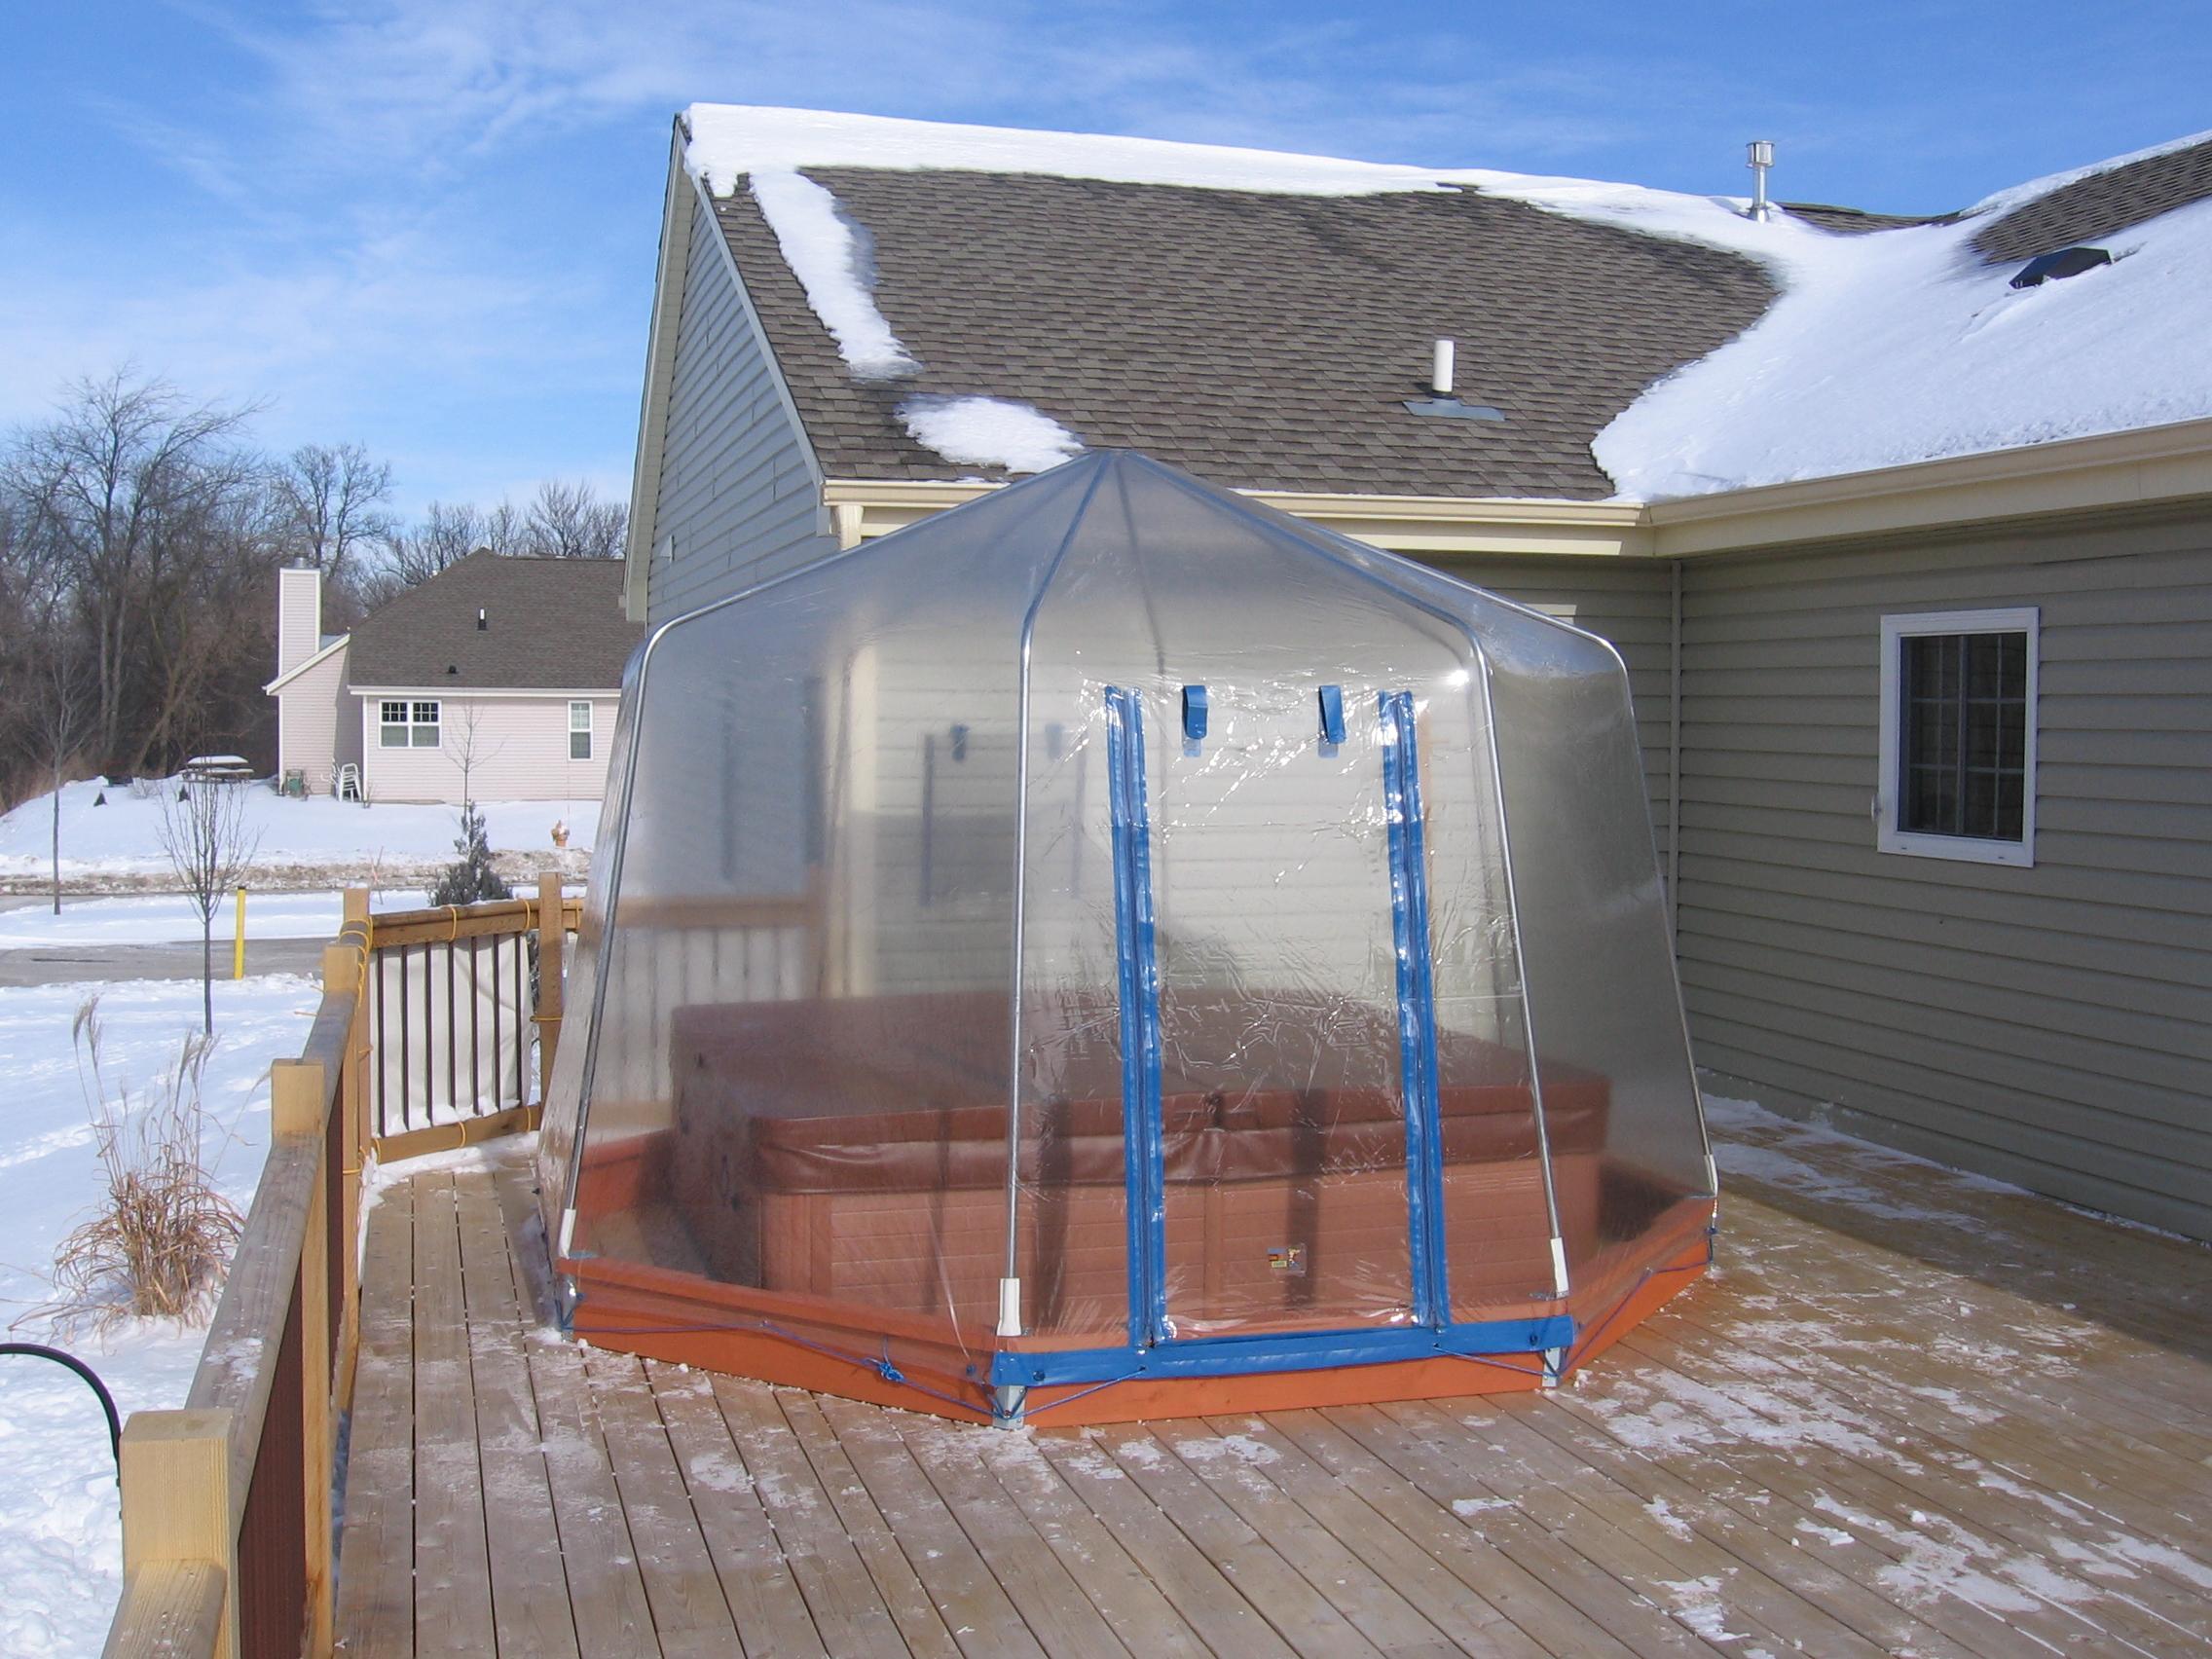 spa hot tub enclosure - Hot Tub Enclosures